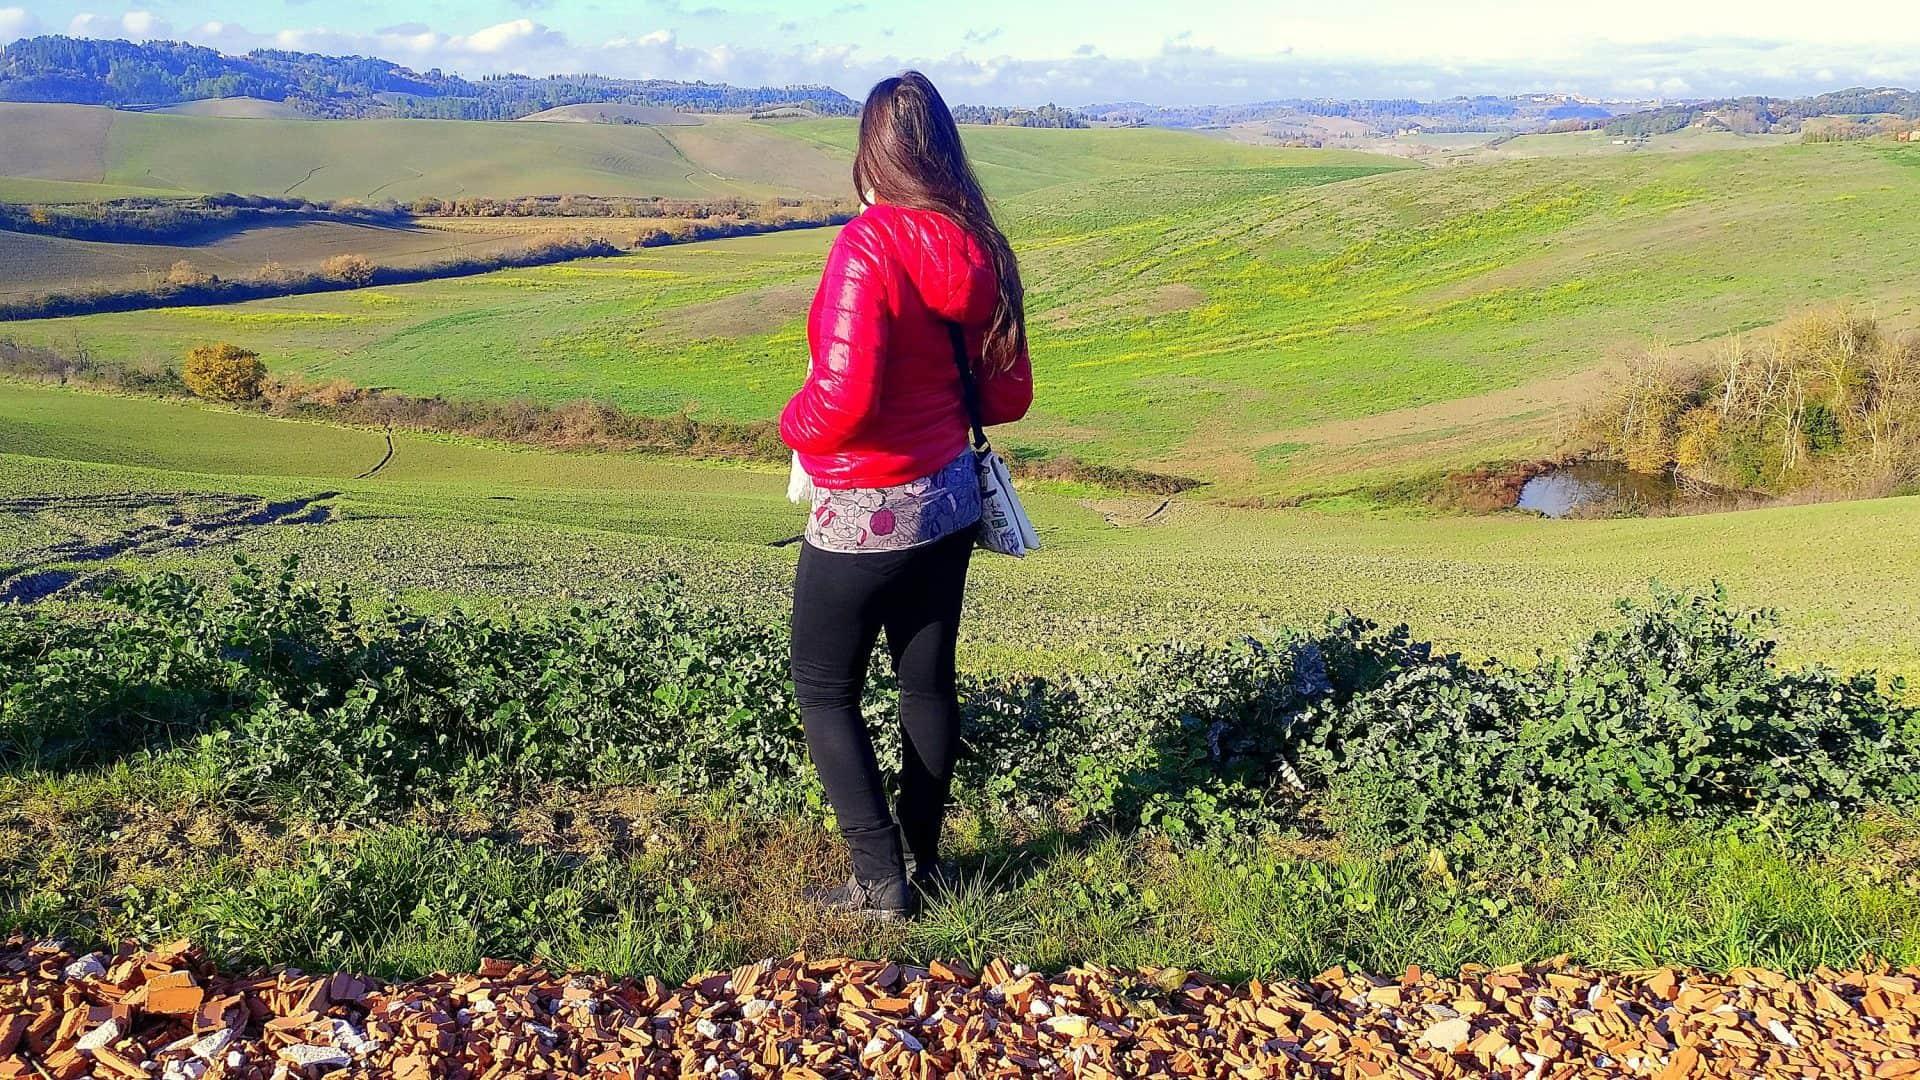 #VisitValdera: cosa fare e vedere 3 giorni in Valdera, il cuore verde della Toscana